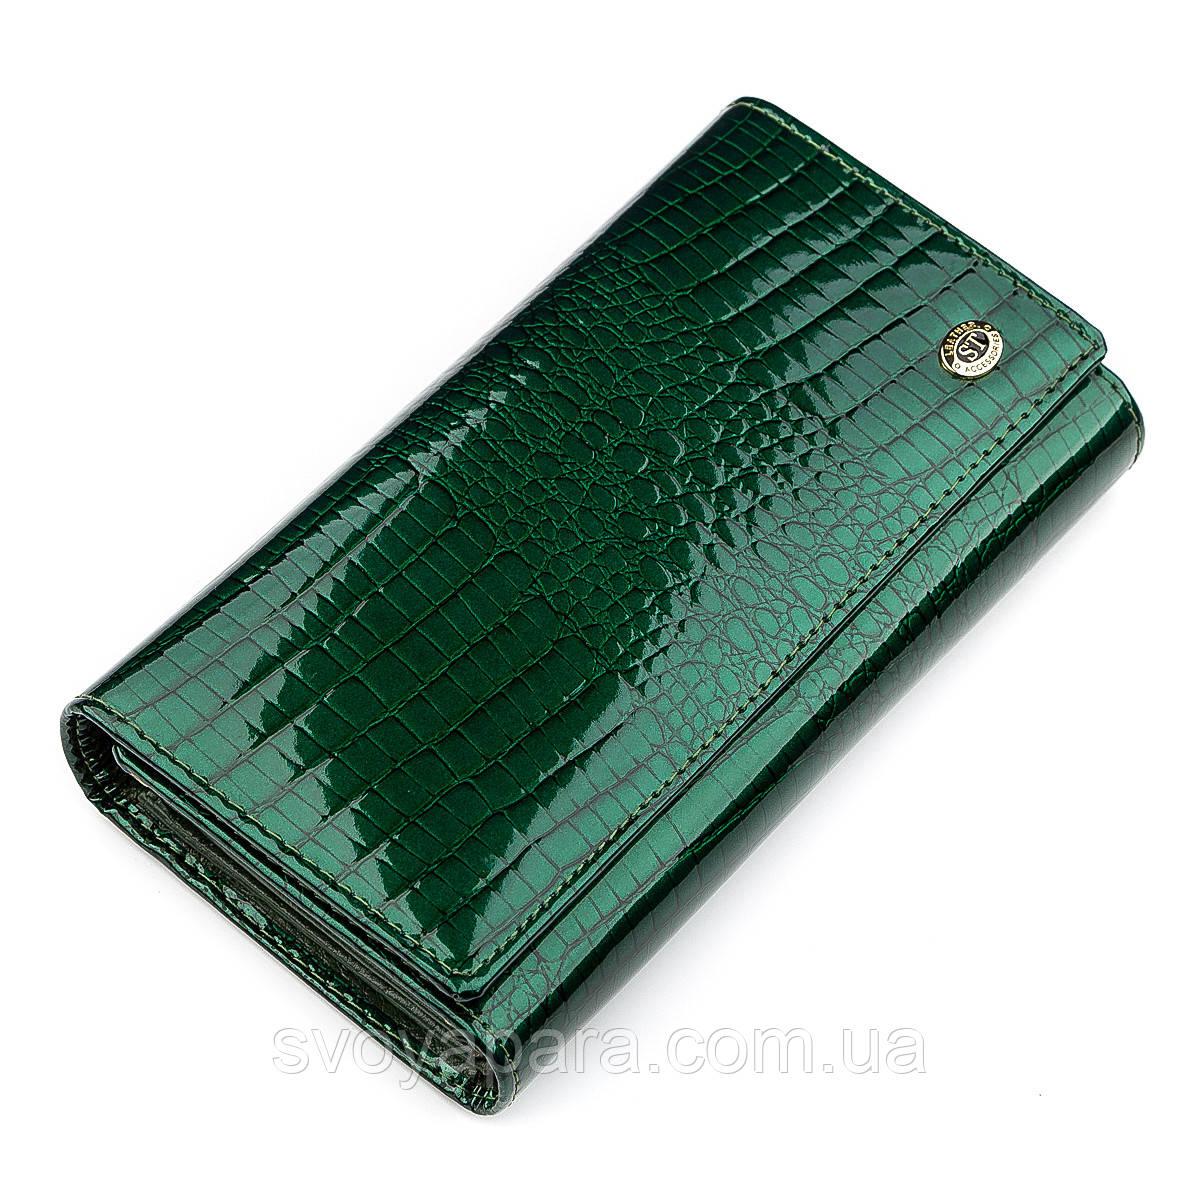 Кошелек женский ST Leather 18428 (S8001A) удобный Зеленый